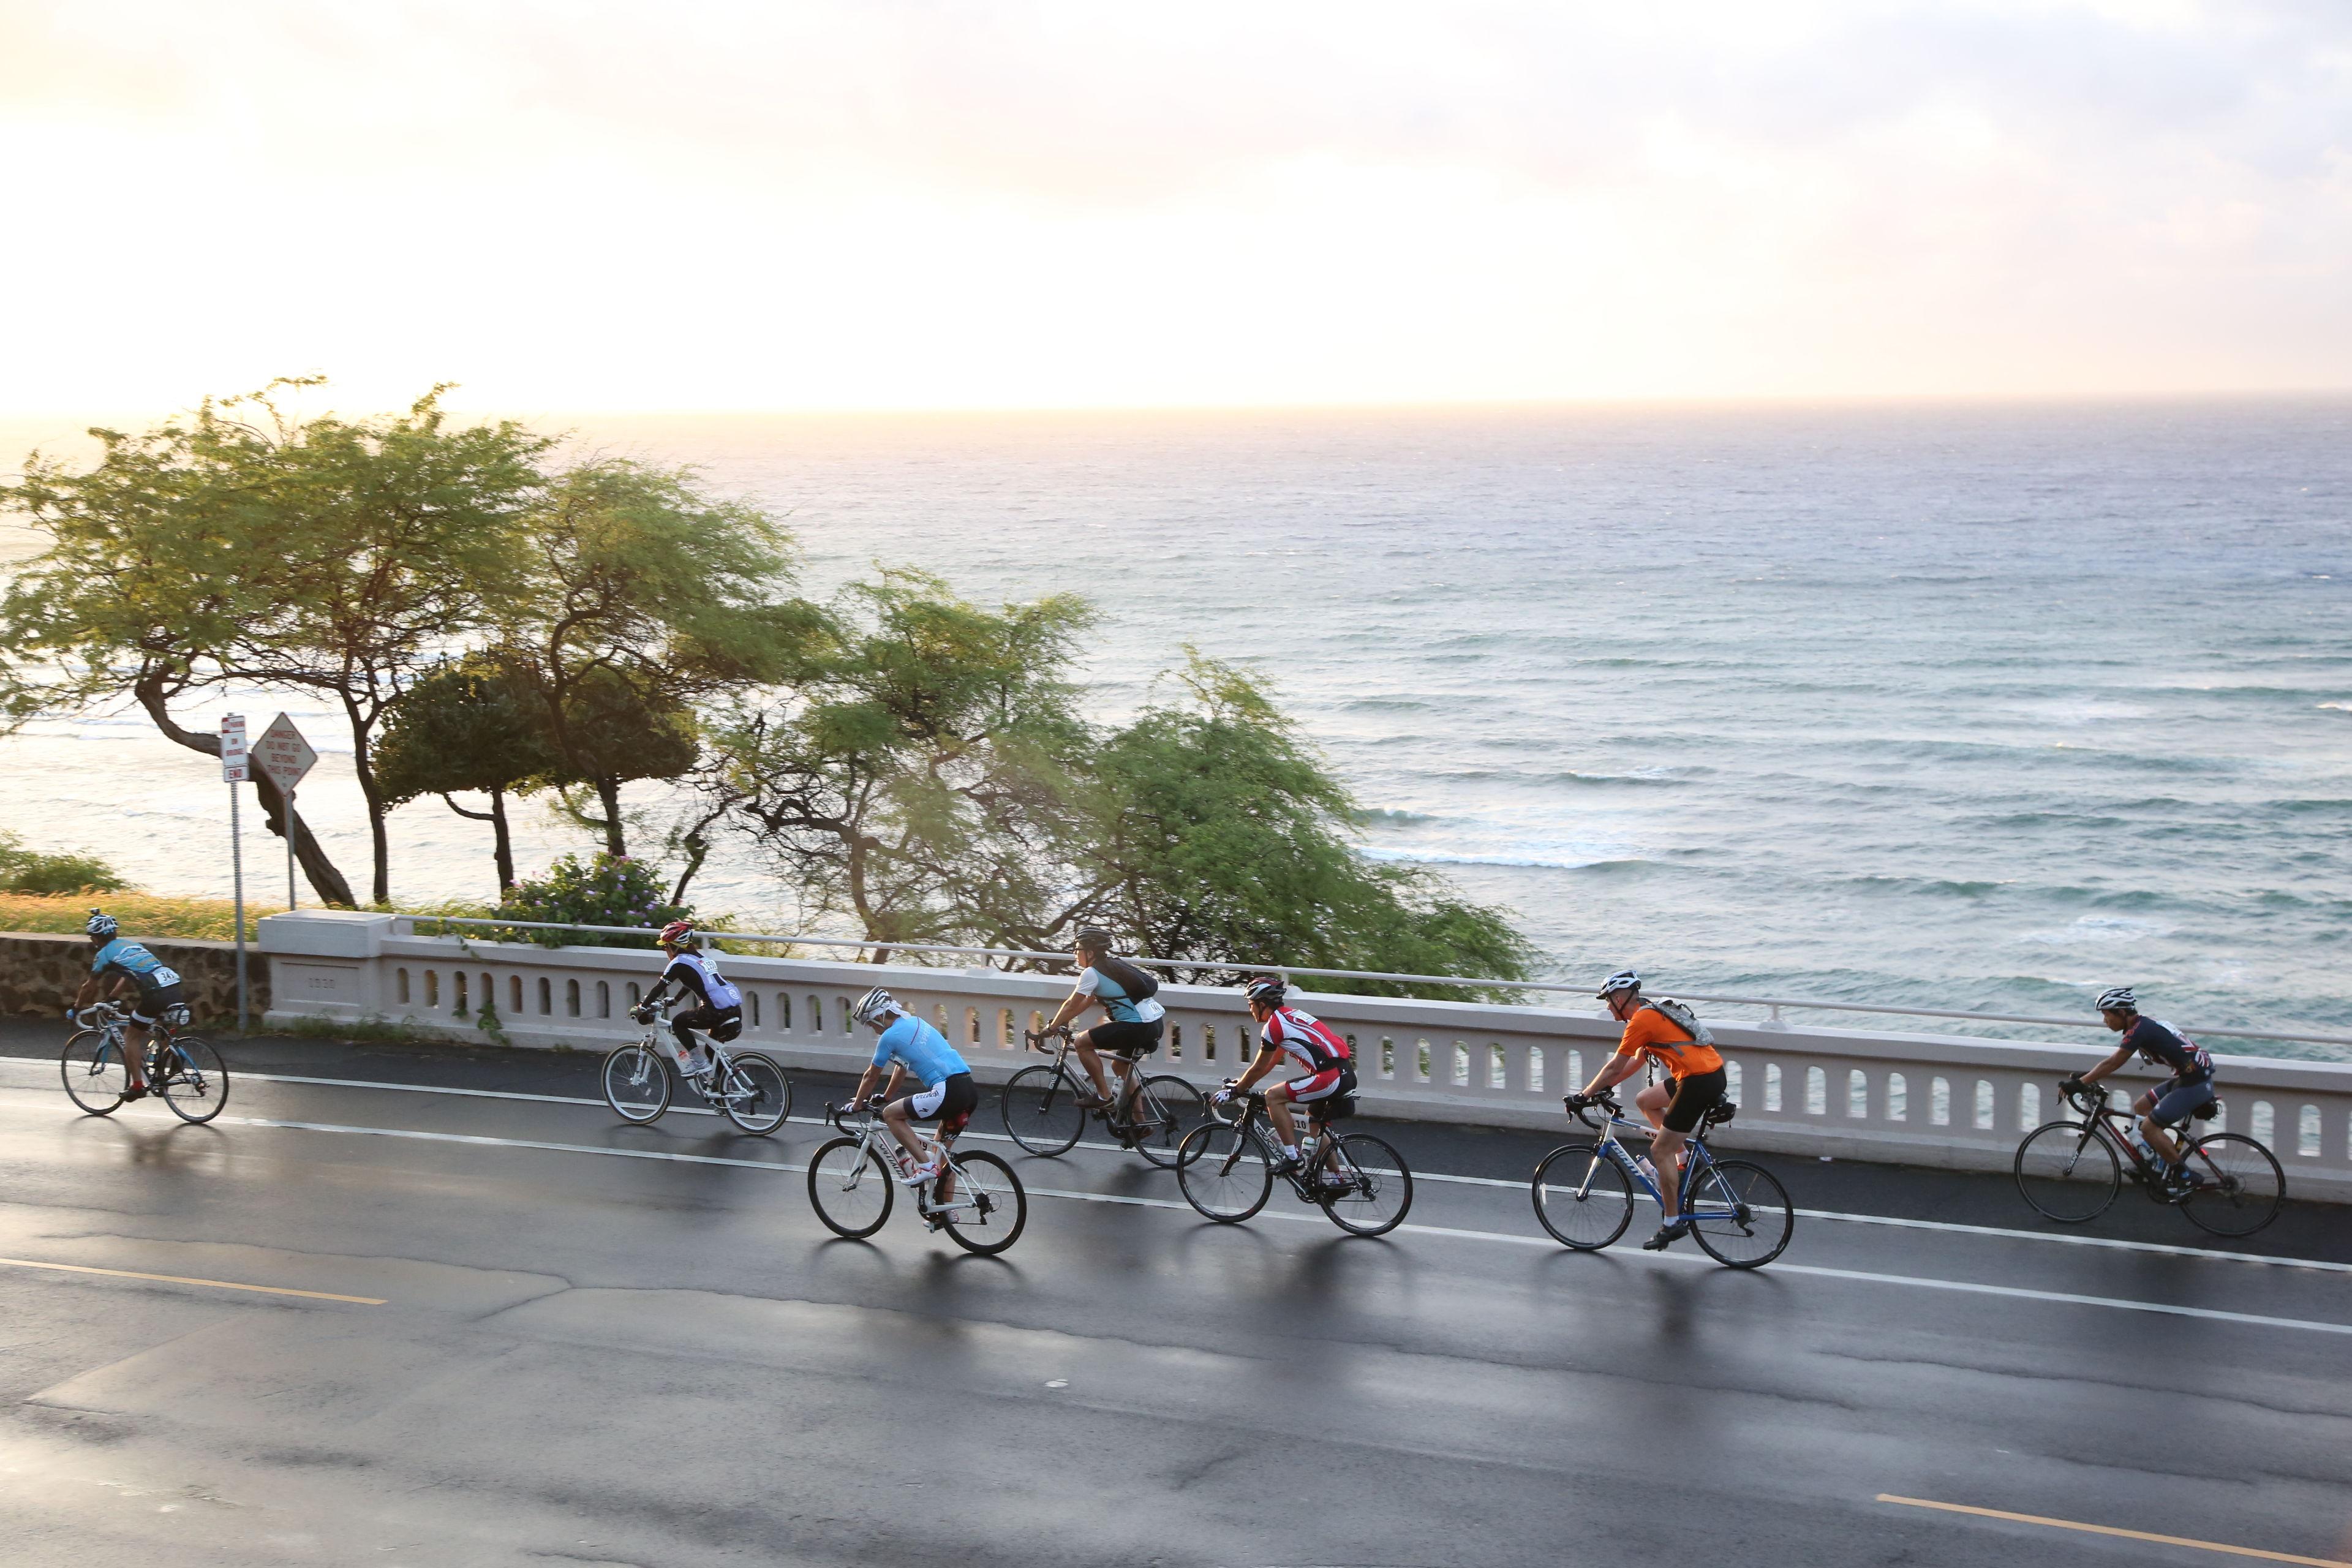 【参加者募集中】オアフ島の魅力をサイクリングで楽しむ160km